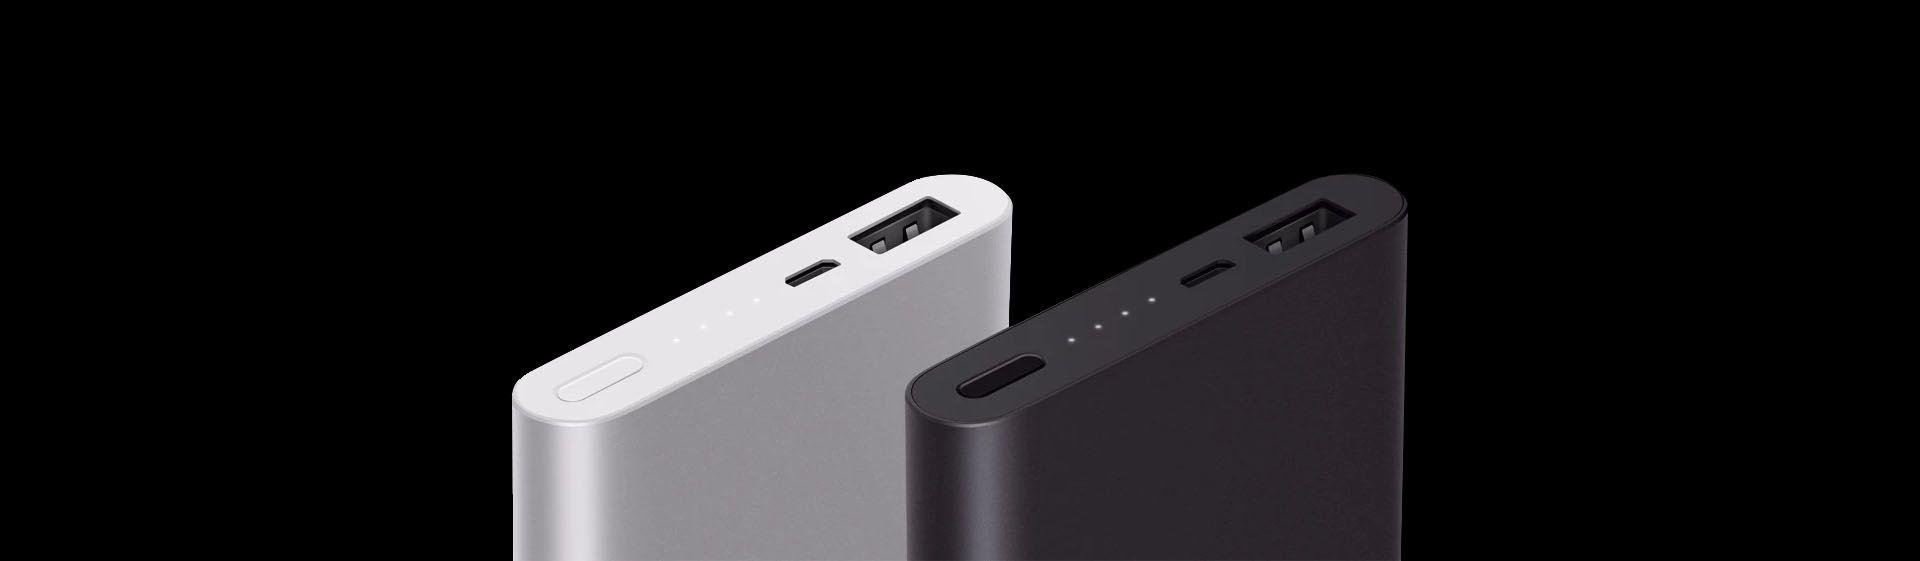 Bateria externa: qual o melhor carregador portátil de 2021?